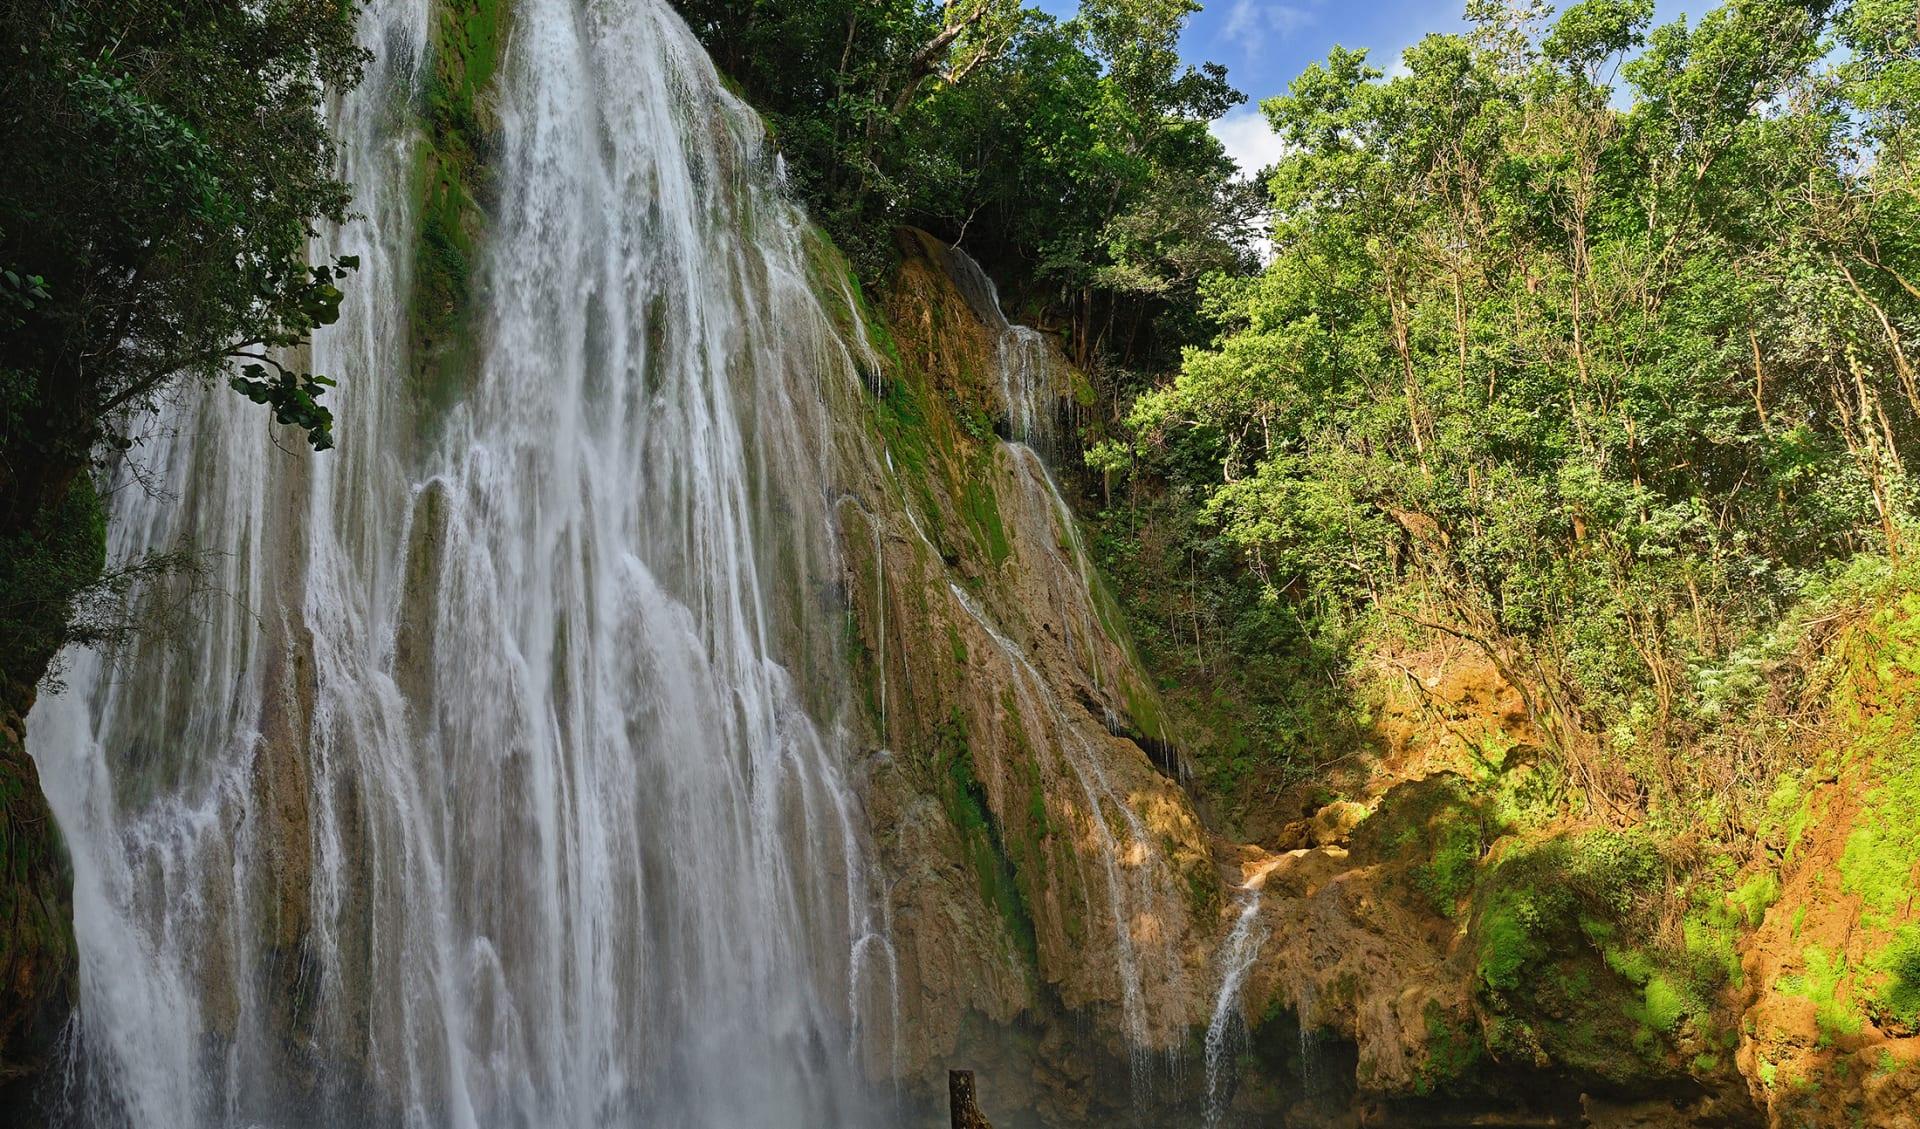 Salto de Limon der Wasserfall im Zentrum des tropischen Waldes, Samana, Dominikana Republik.